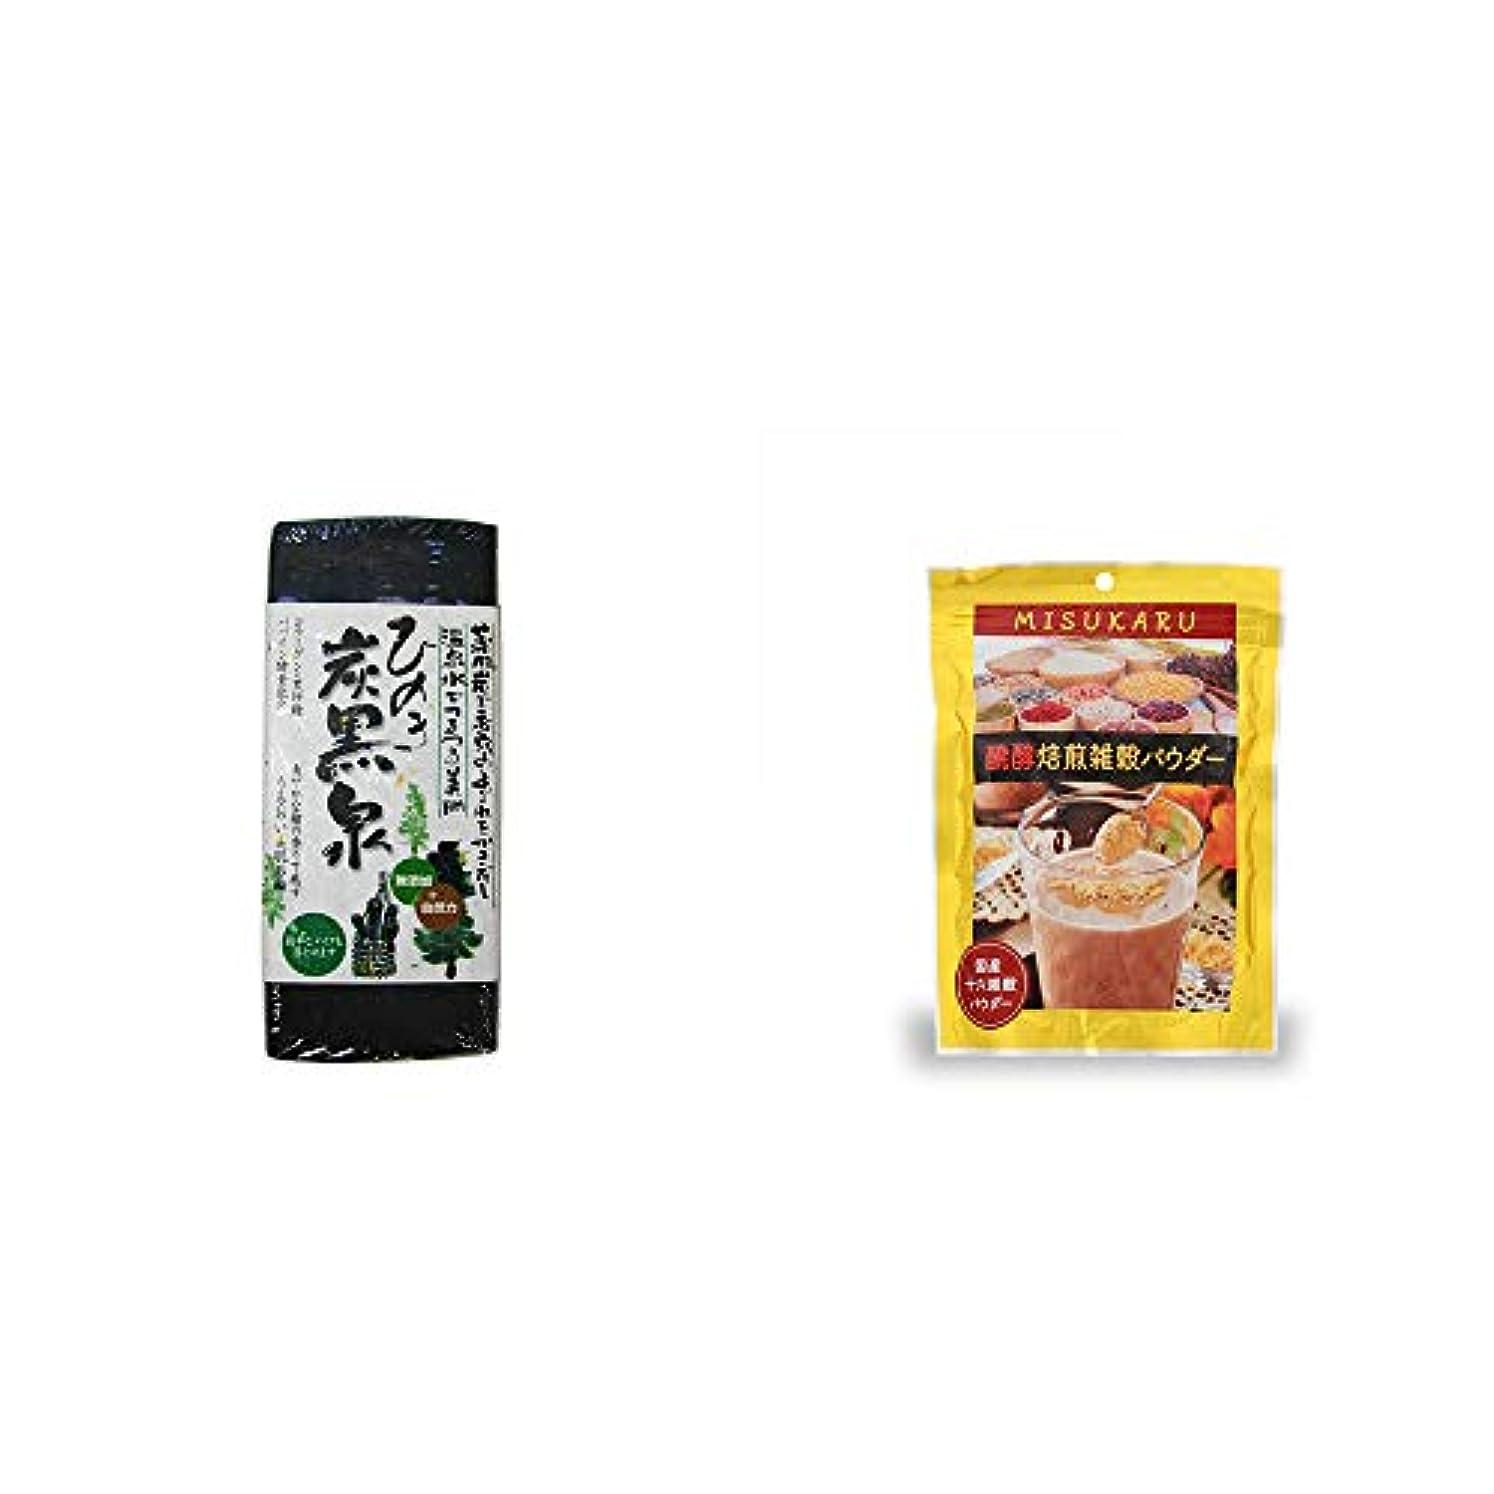 ペダル責任ロマンス[2点セット] ひのき炭黒泉(75g×2)?醗酵焙煎雑穀パウダー MISUKARU(ミスカル)(200g)